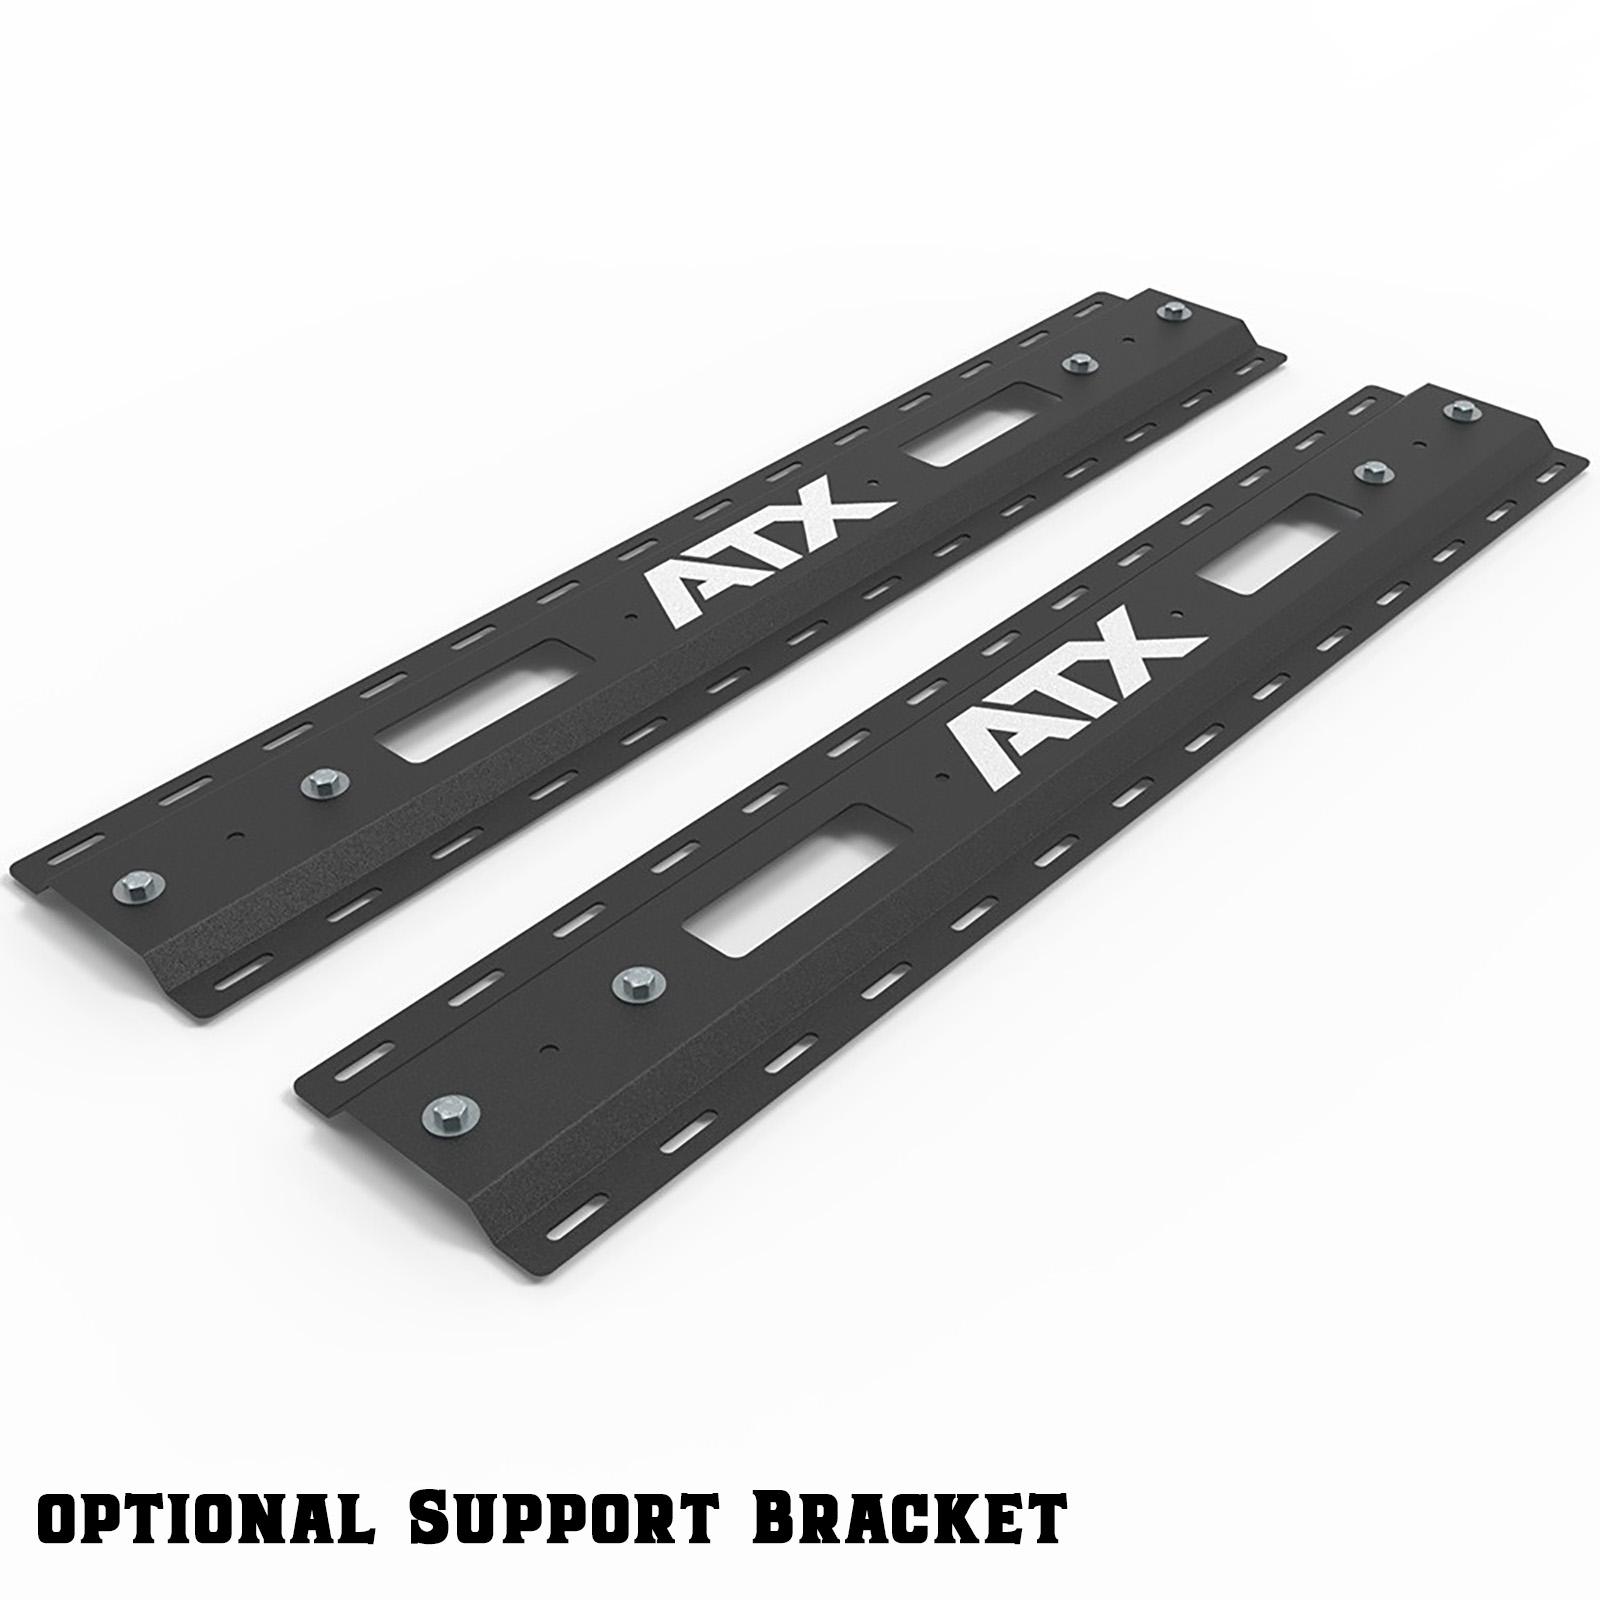 atx folding wall mounted rack